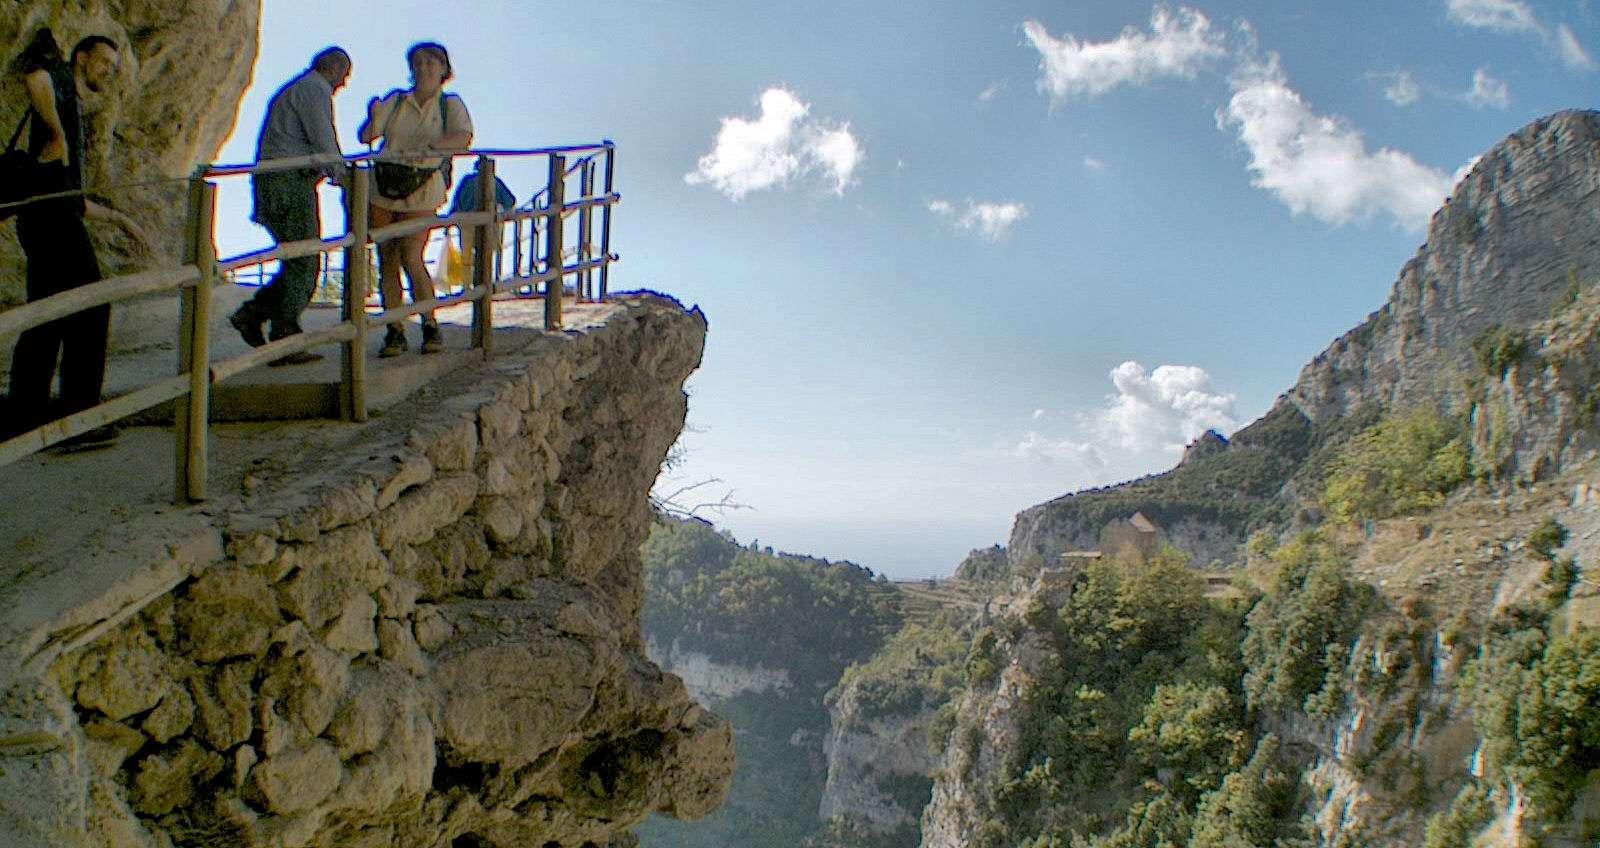 Wandern an der Amalfiküste (Sentiero degli Dei auf dt. Pfad der Götter)